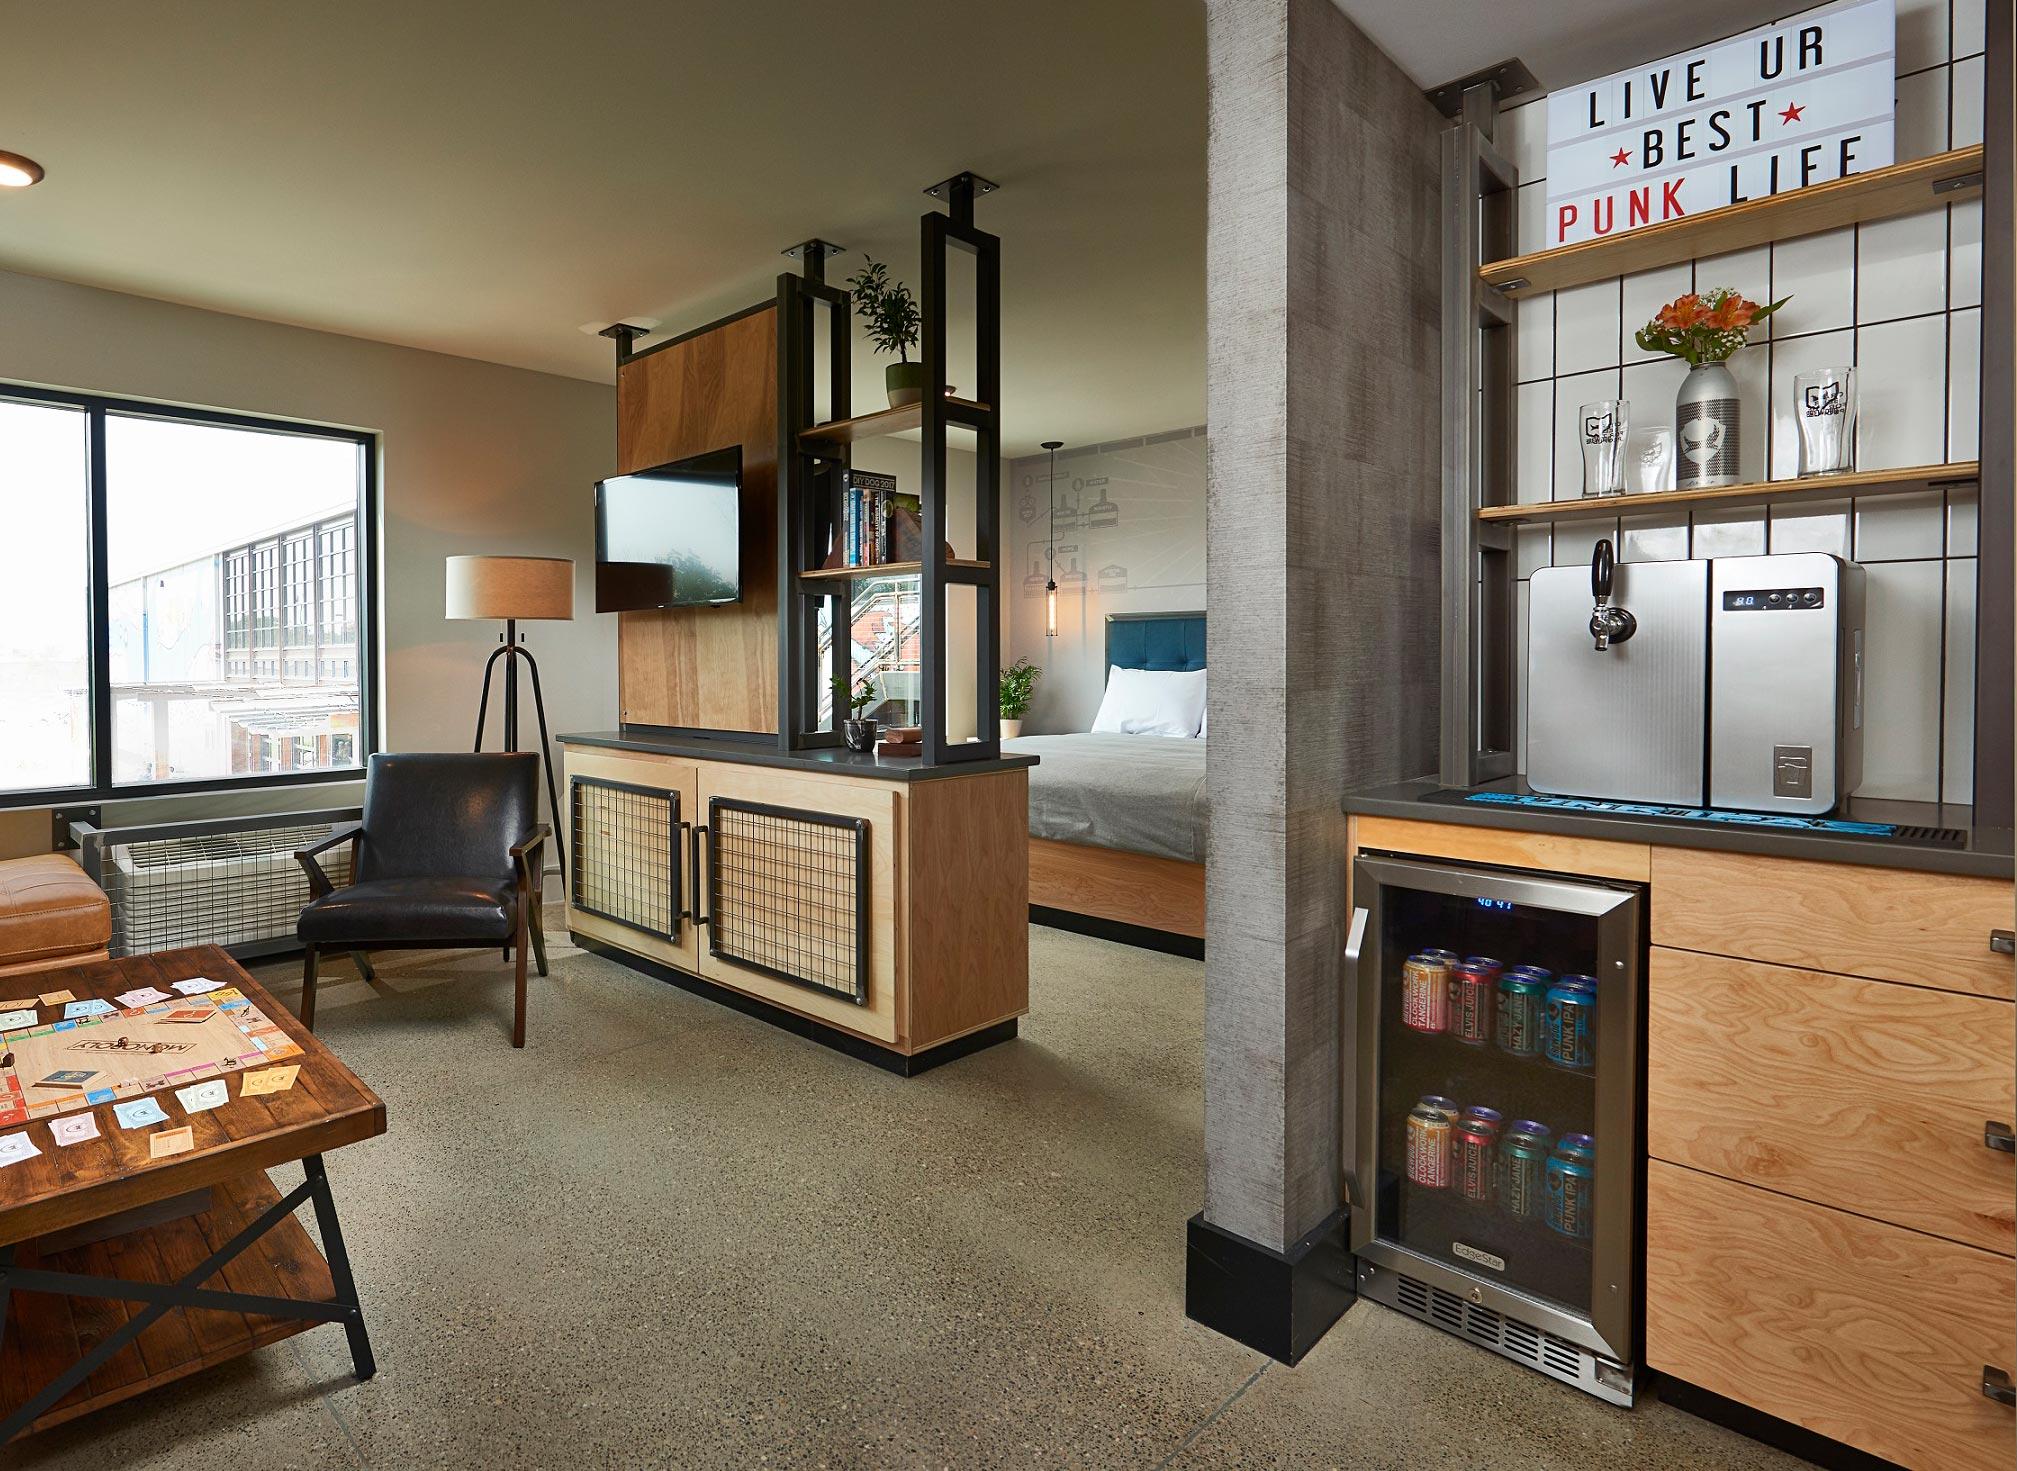 Punk suite